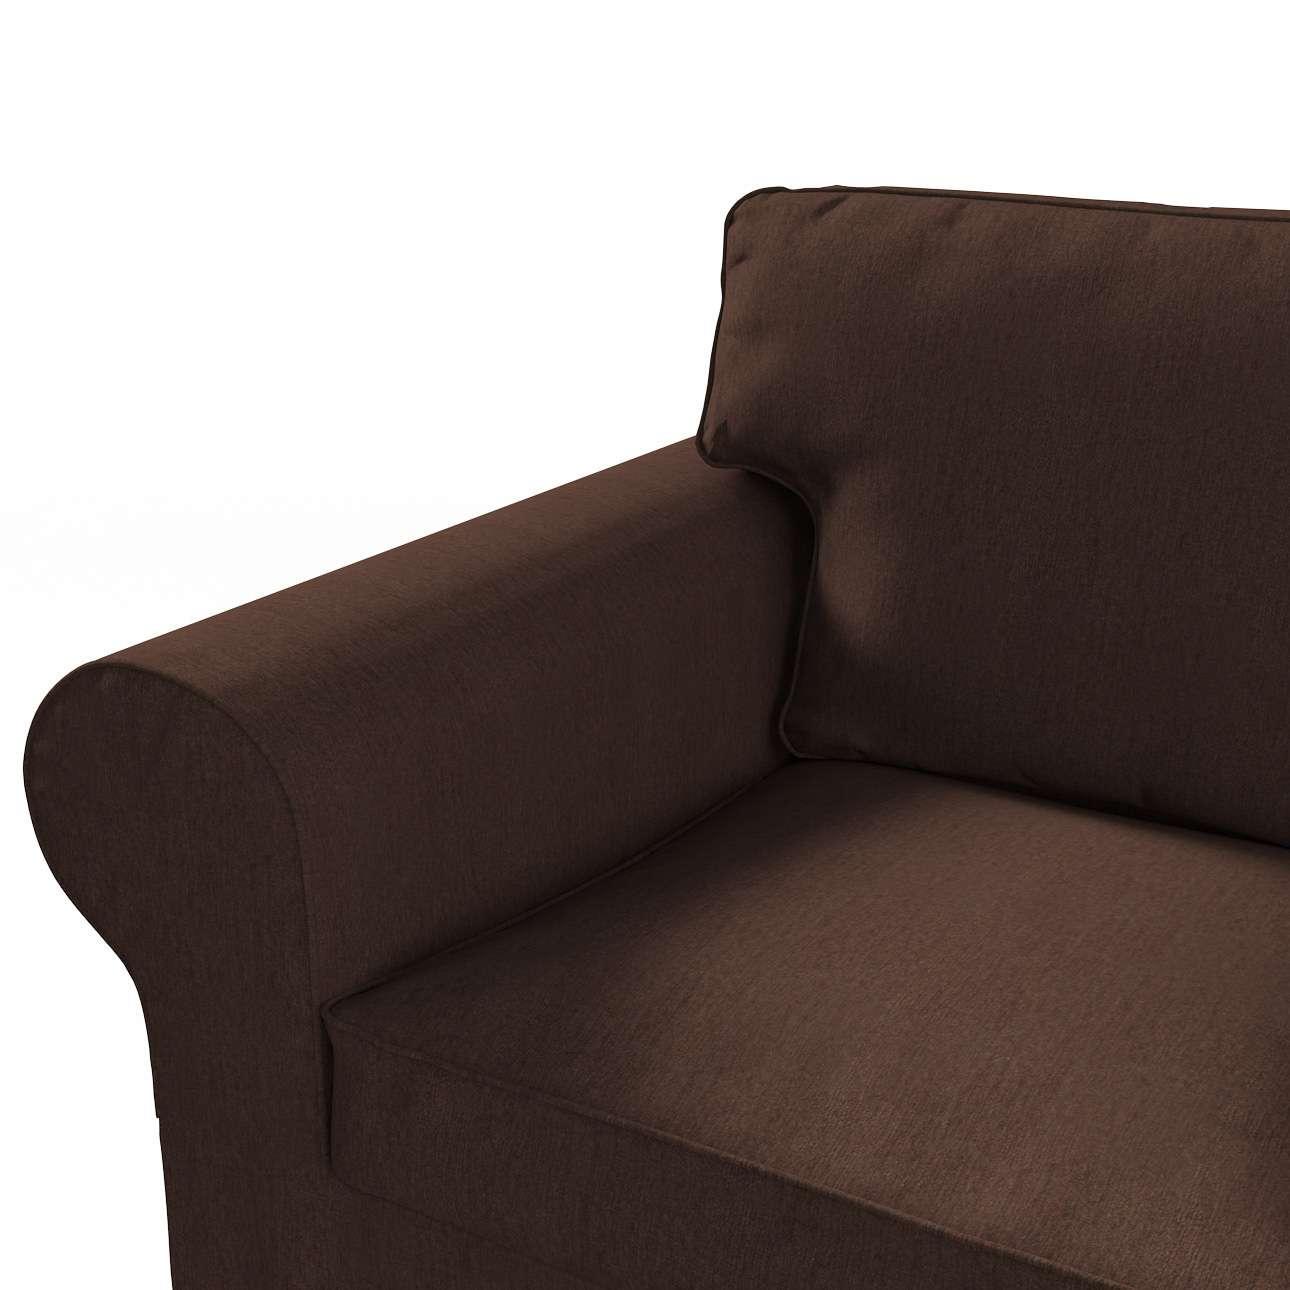 Ektorp trivietės sofos užvalkalas Ektorp trivietės sofos užvalkalas kolekcijoje Chenille, audinys: 702-18